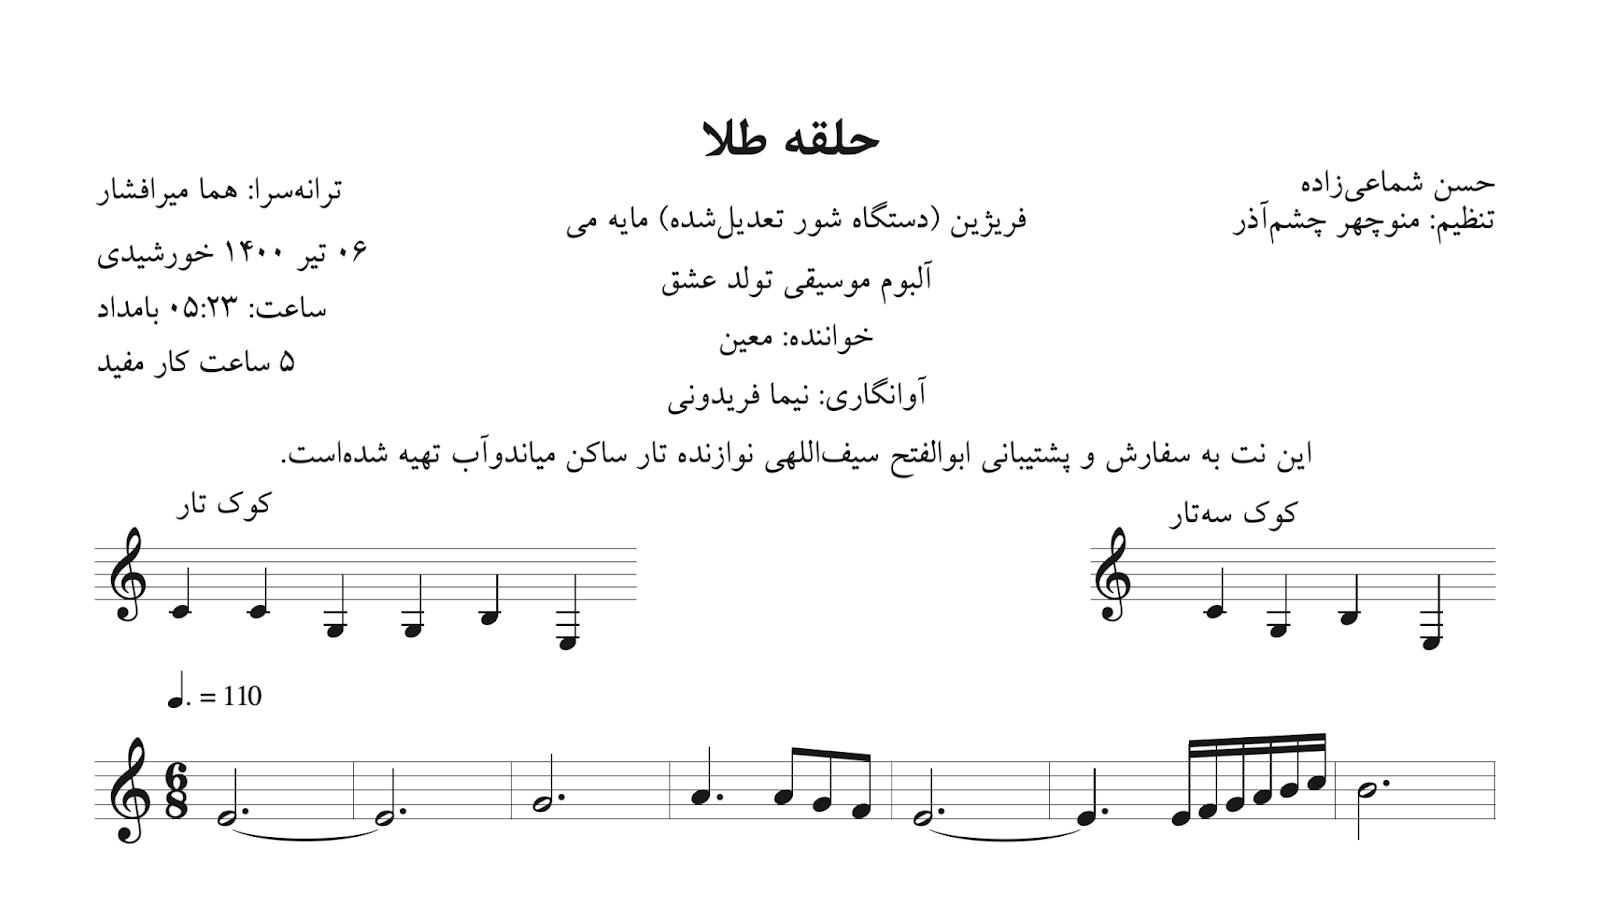 نت حلقه طلا حسن شماعیزاده آوانگاری نیما فریدونی